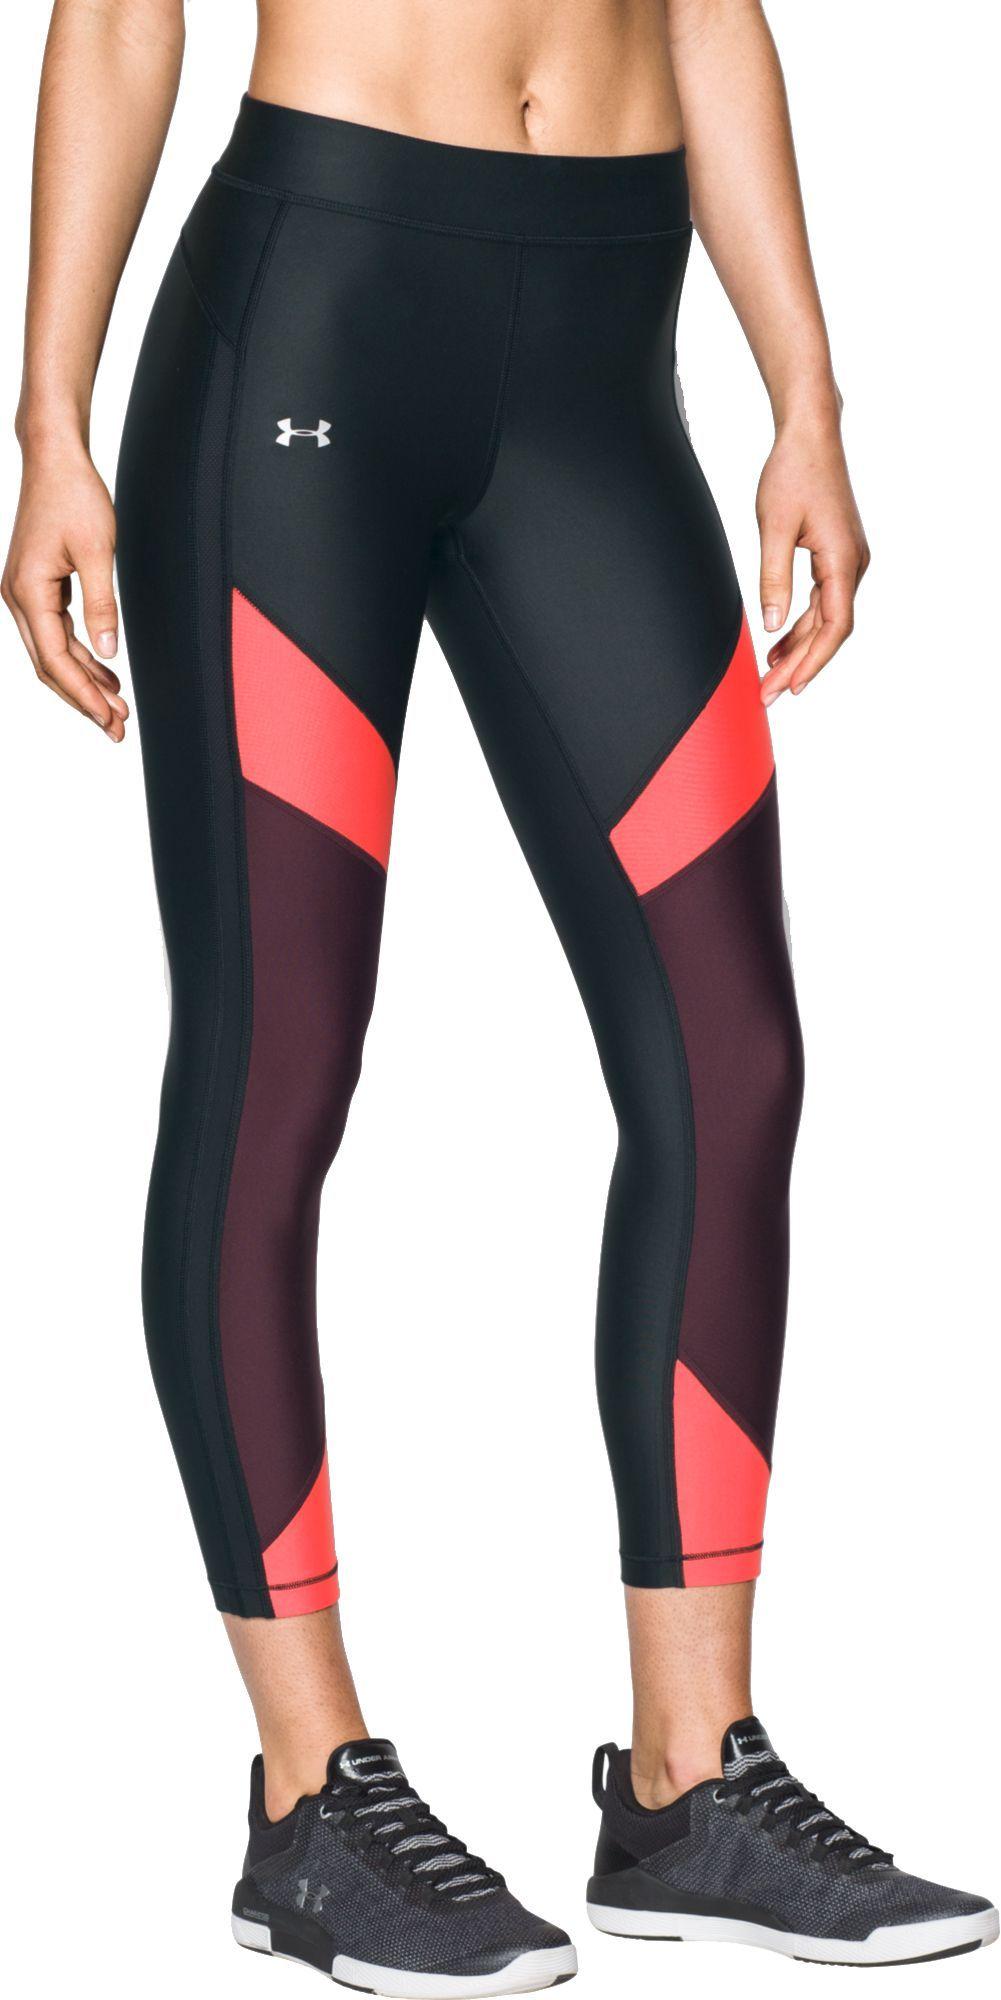 bd8a6cacd3 Under Armour Women's HeatGear Color Block Capris, Size: XL, Black ...